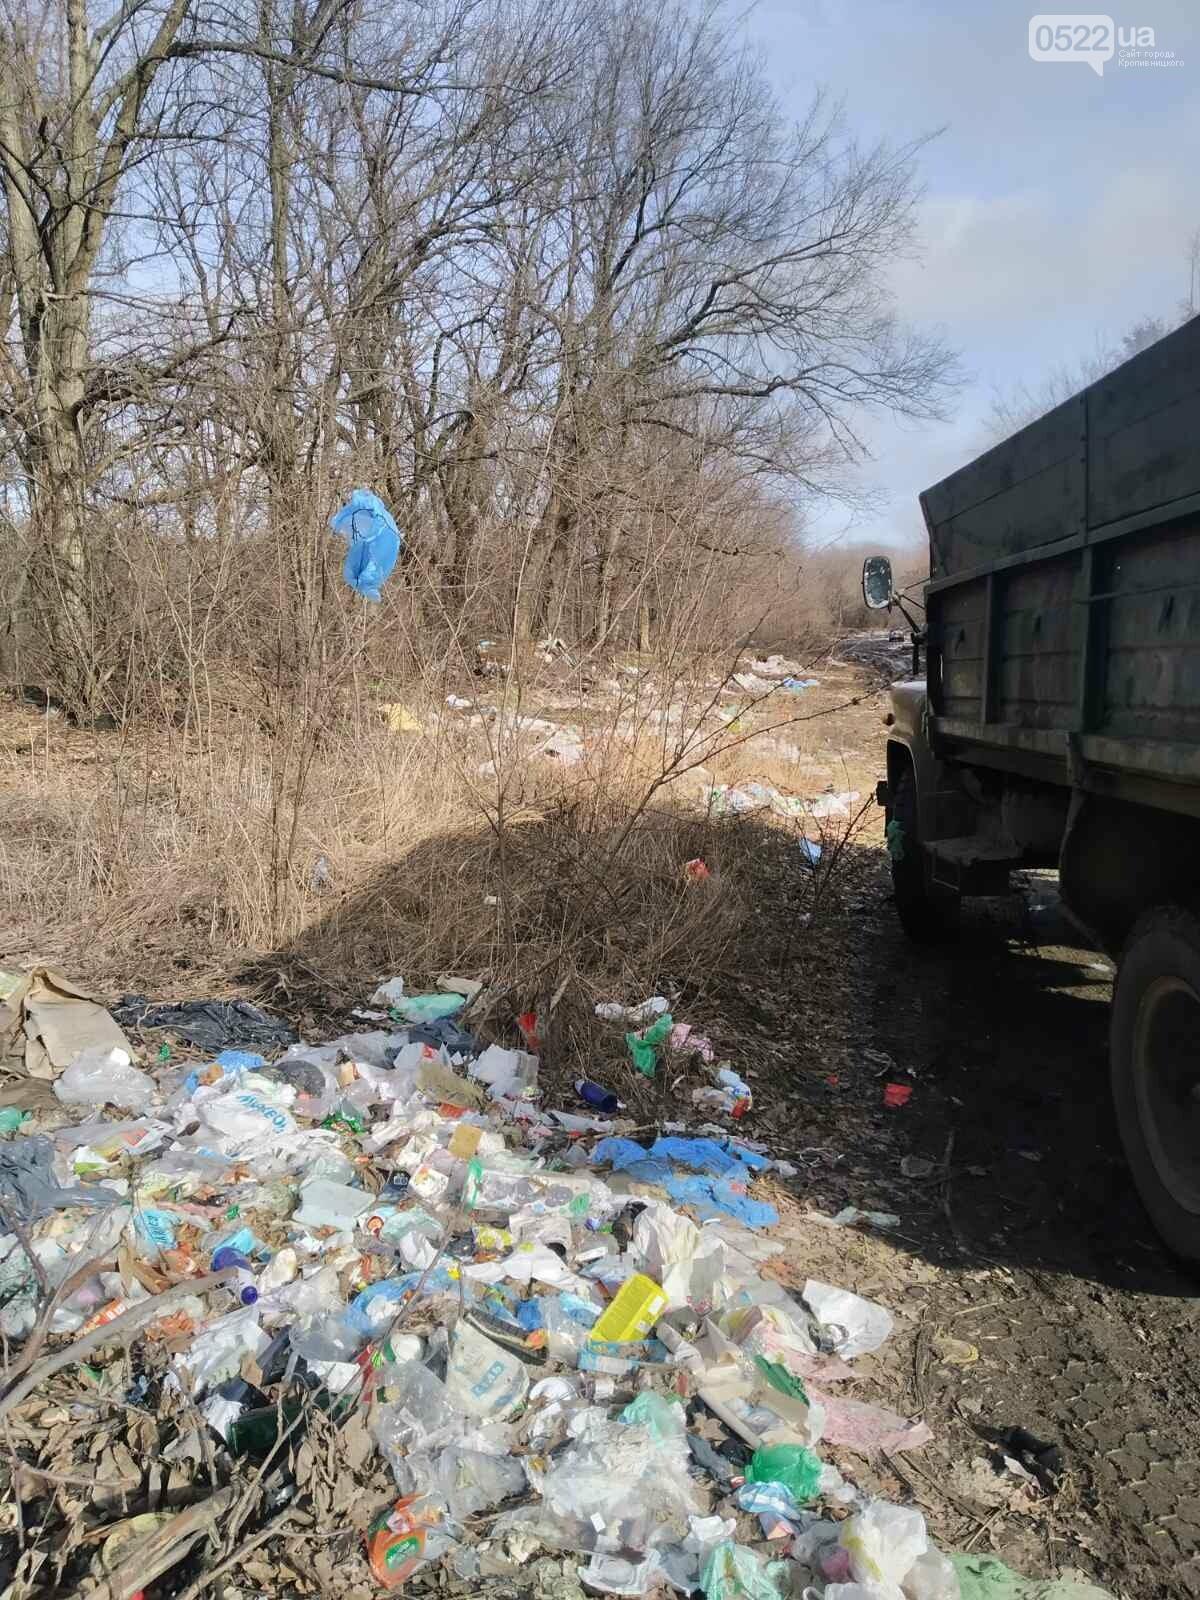 Працівники Кіровоградського облавтодору ліквідували несанкціоноване сміттєзвалище, фото-2